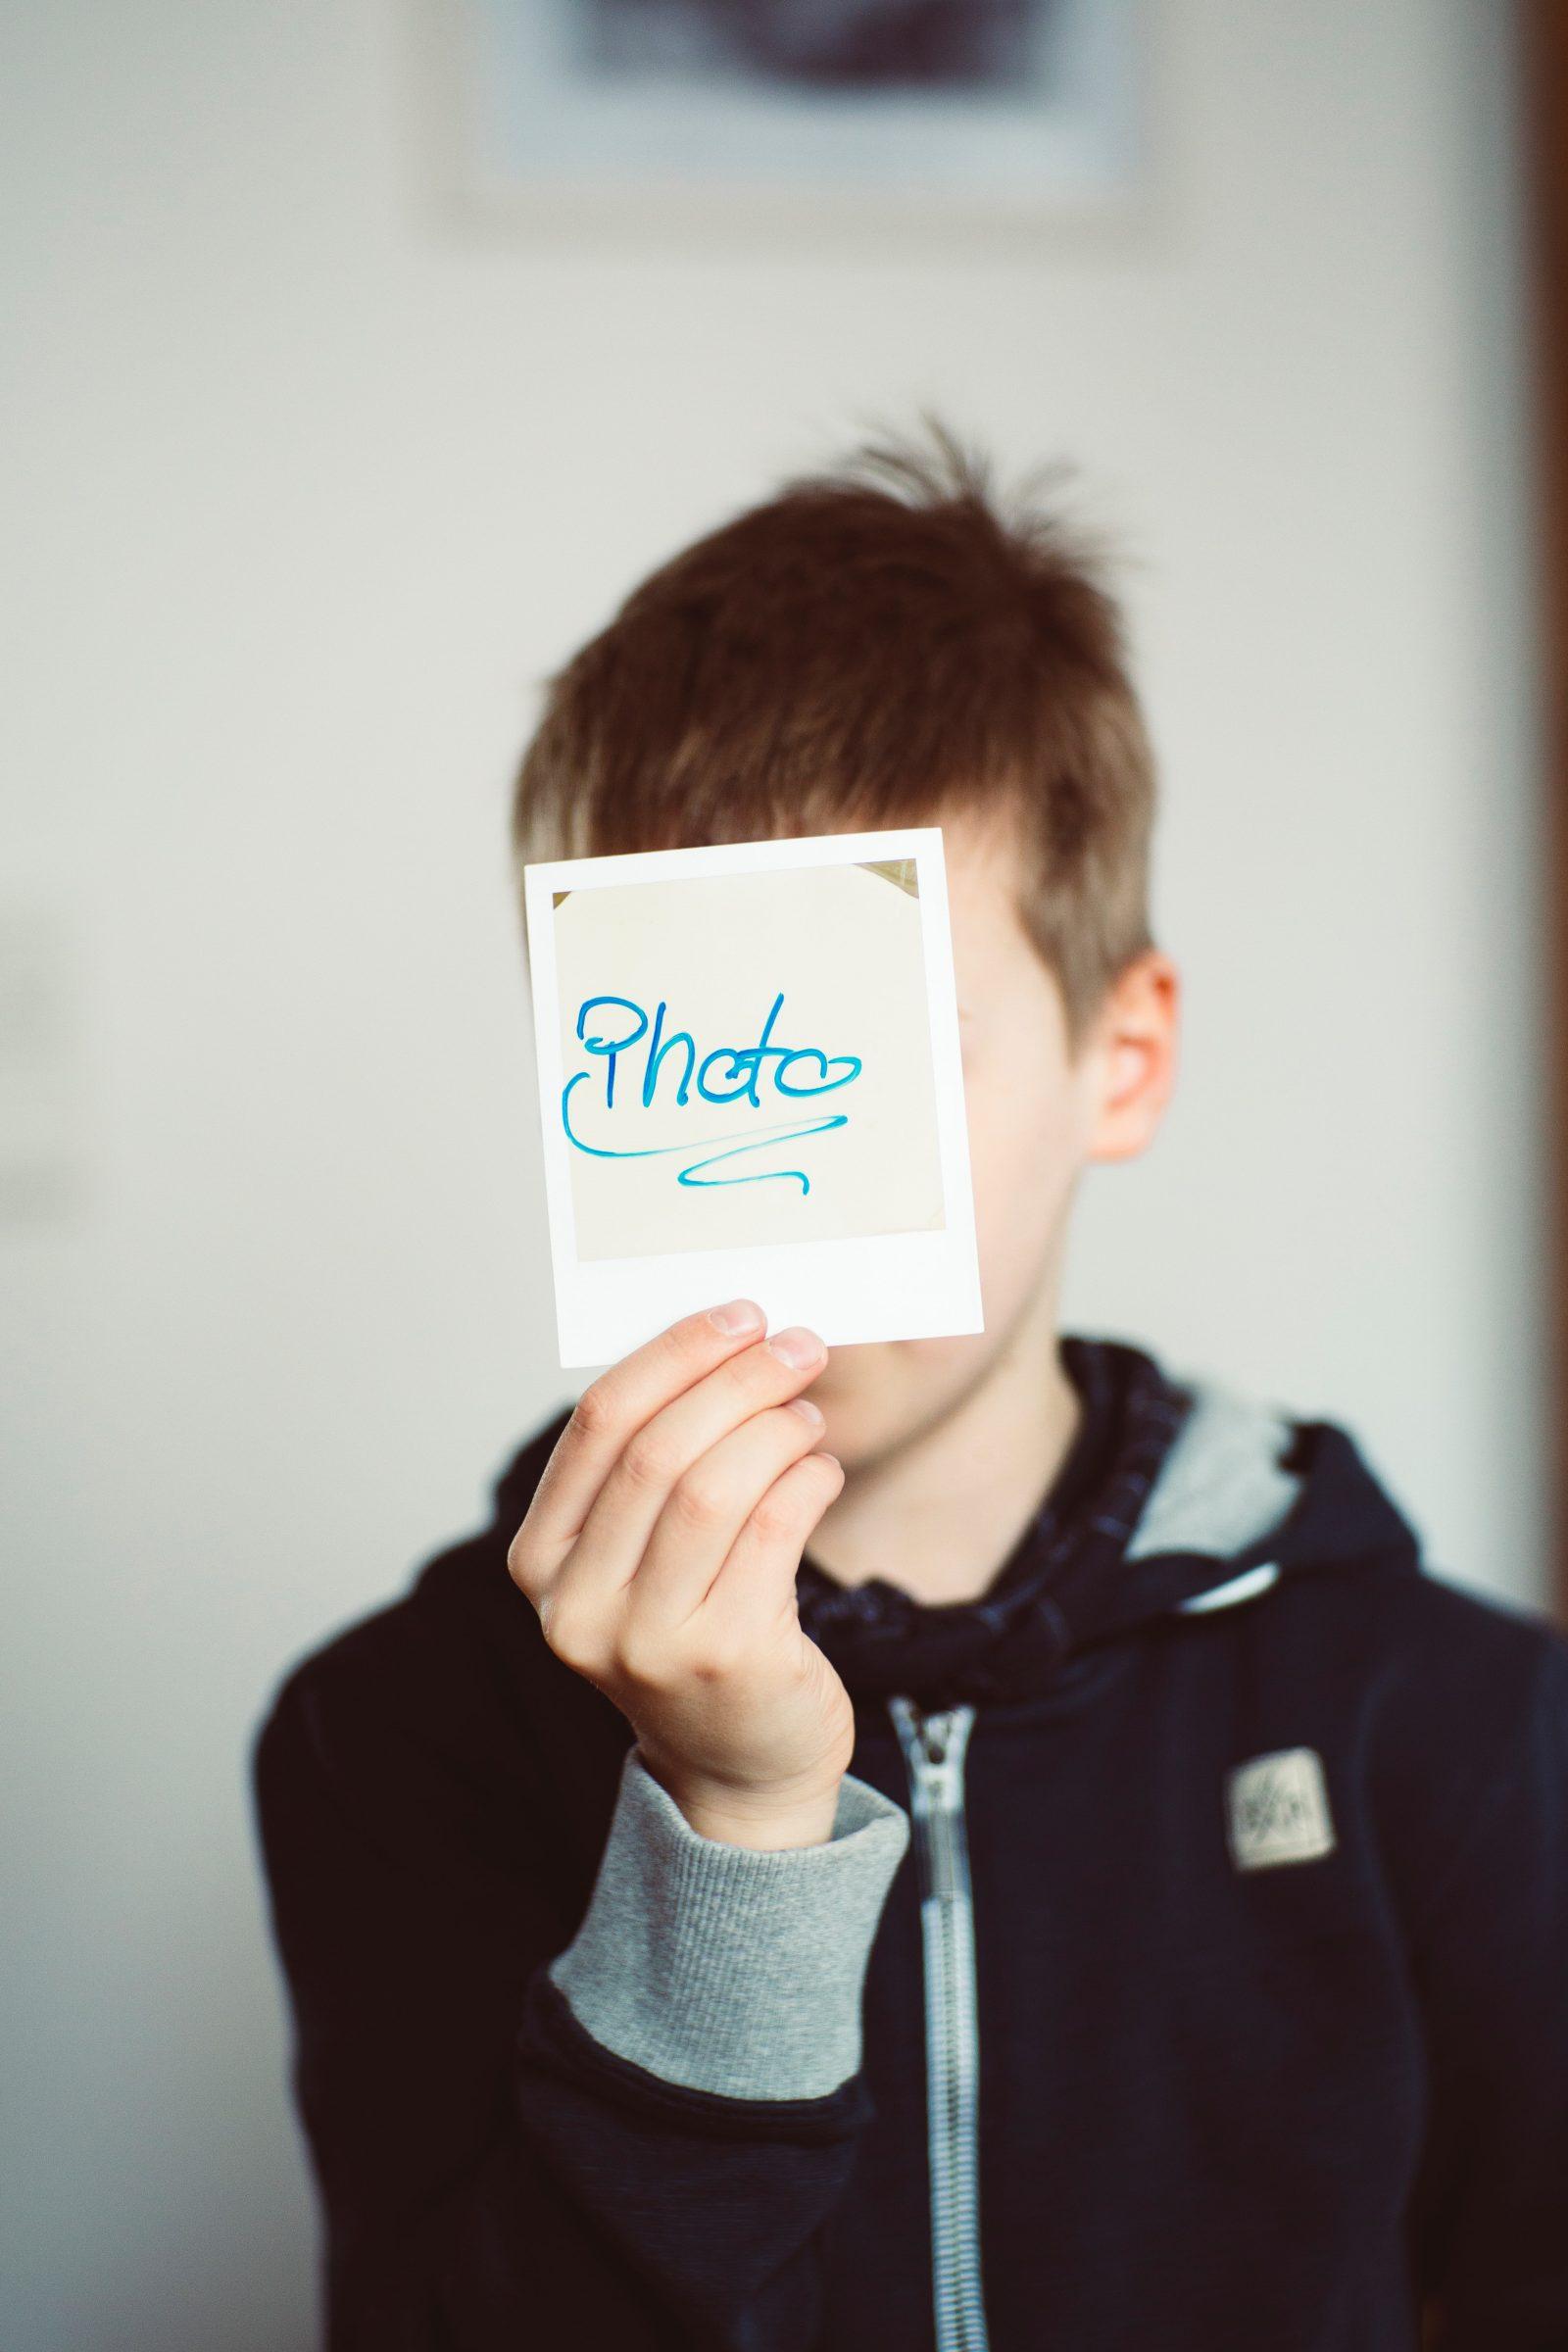 Pieni poika pitää kasvojen edessä polaroid-kuvaa, jossa lukee photo.